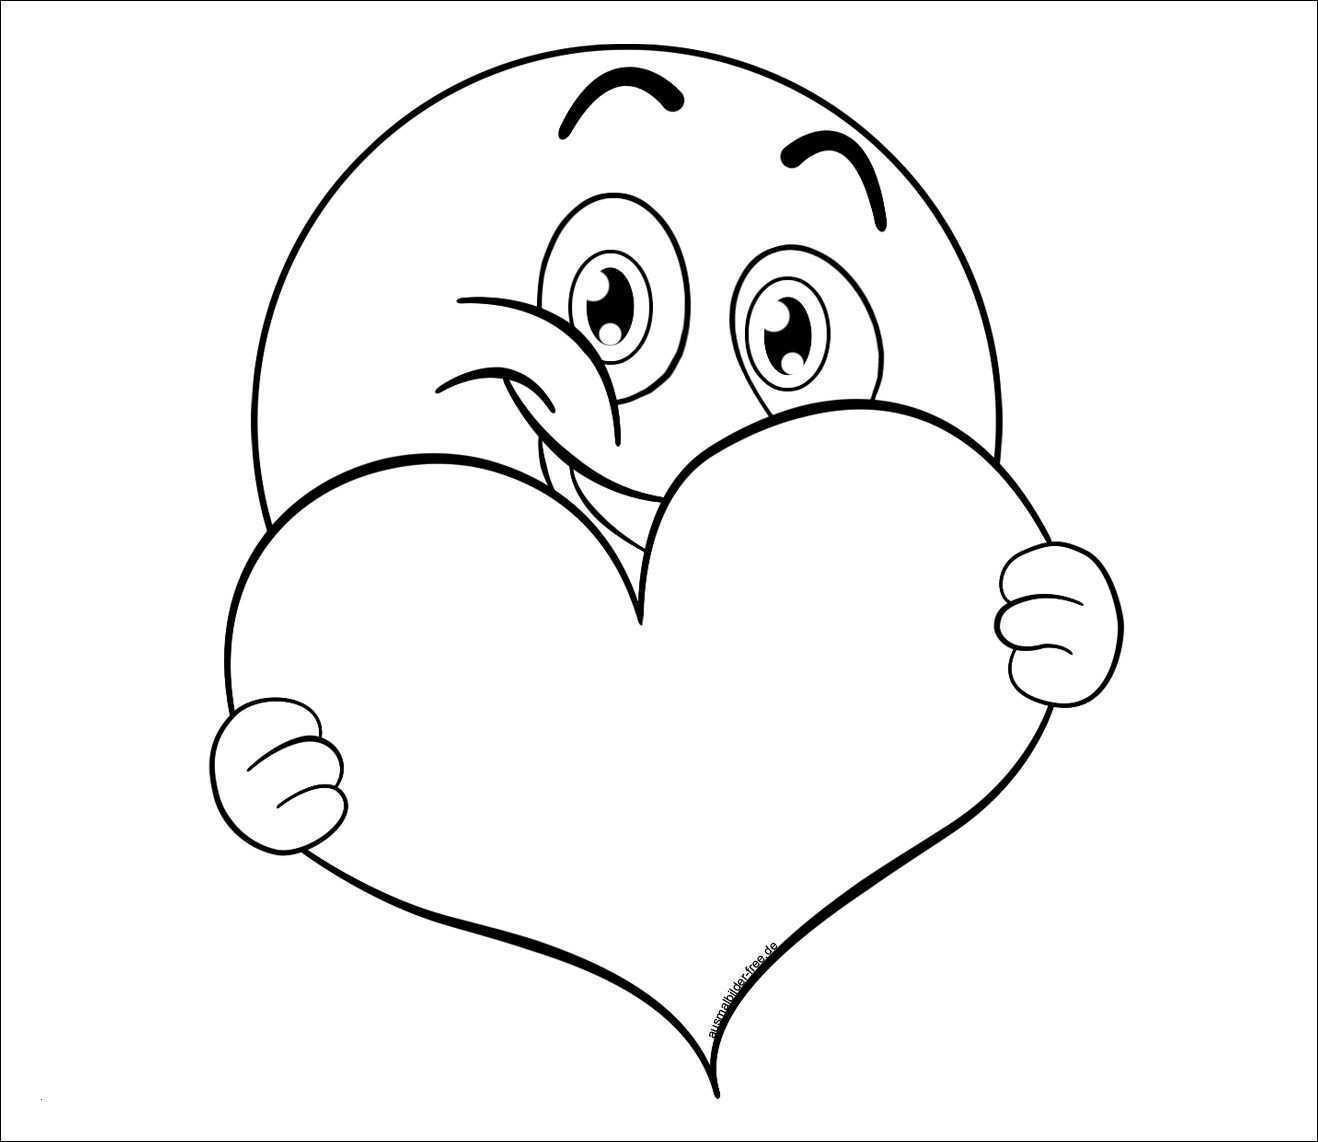 Herzen Zum Ausdrucken Inspirierend Rose Herz Malvorlage Ideen Herz Malvorlagen Einfach Herz Mandalas Bild